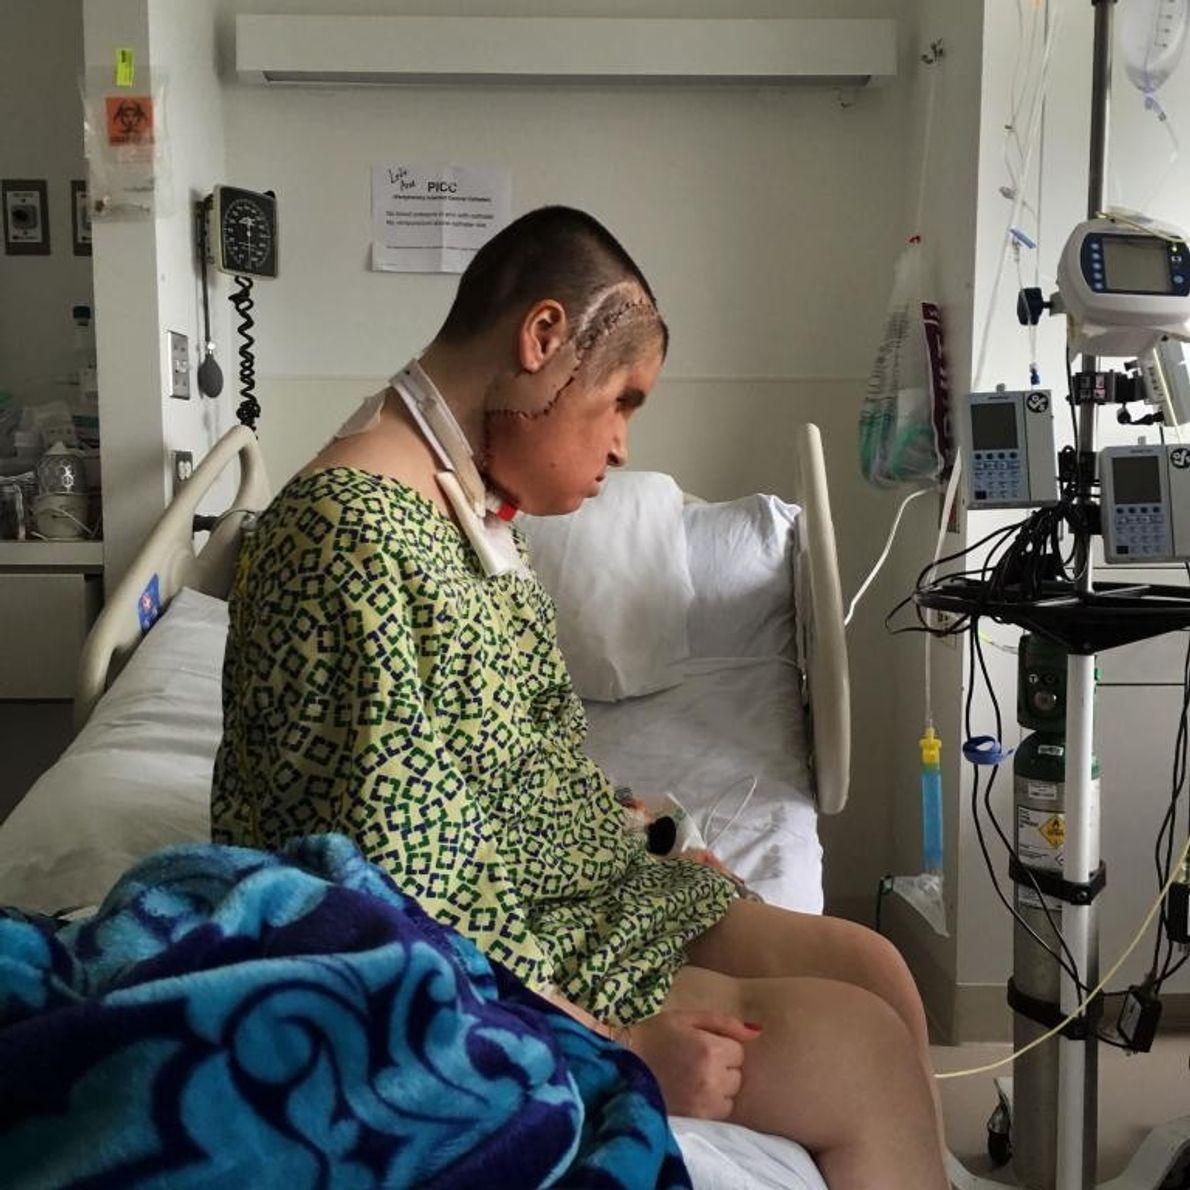 Katie prend un moment seule dans sa chambre, ce qui est rare à l'hôpital, car les ...